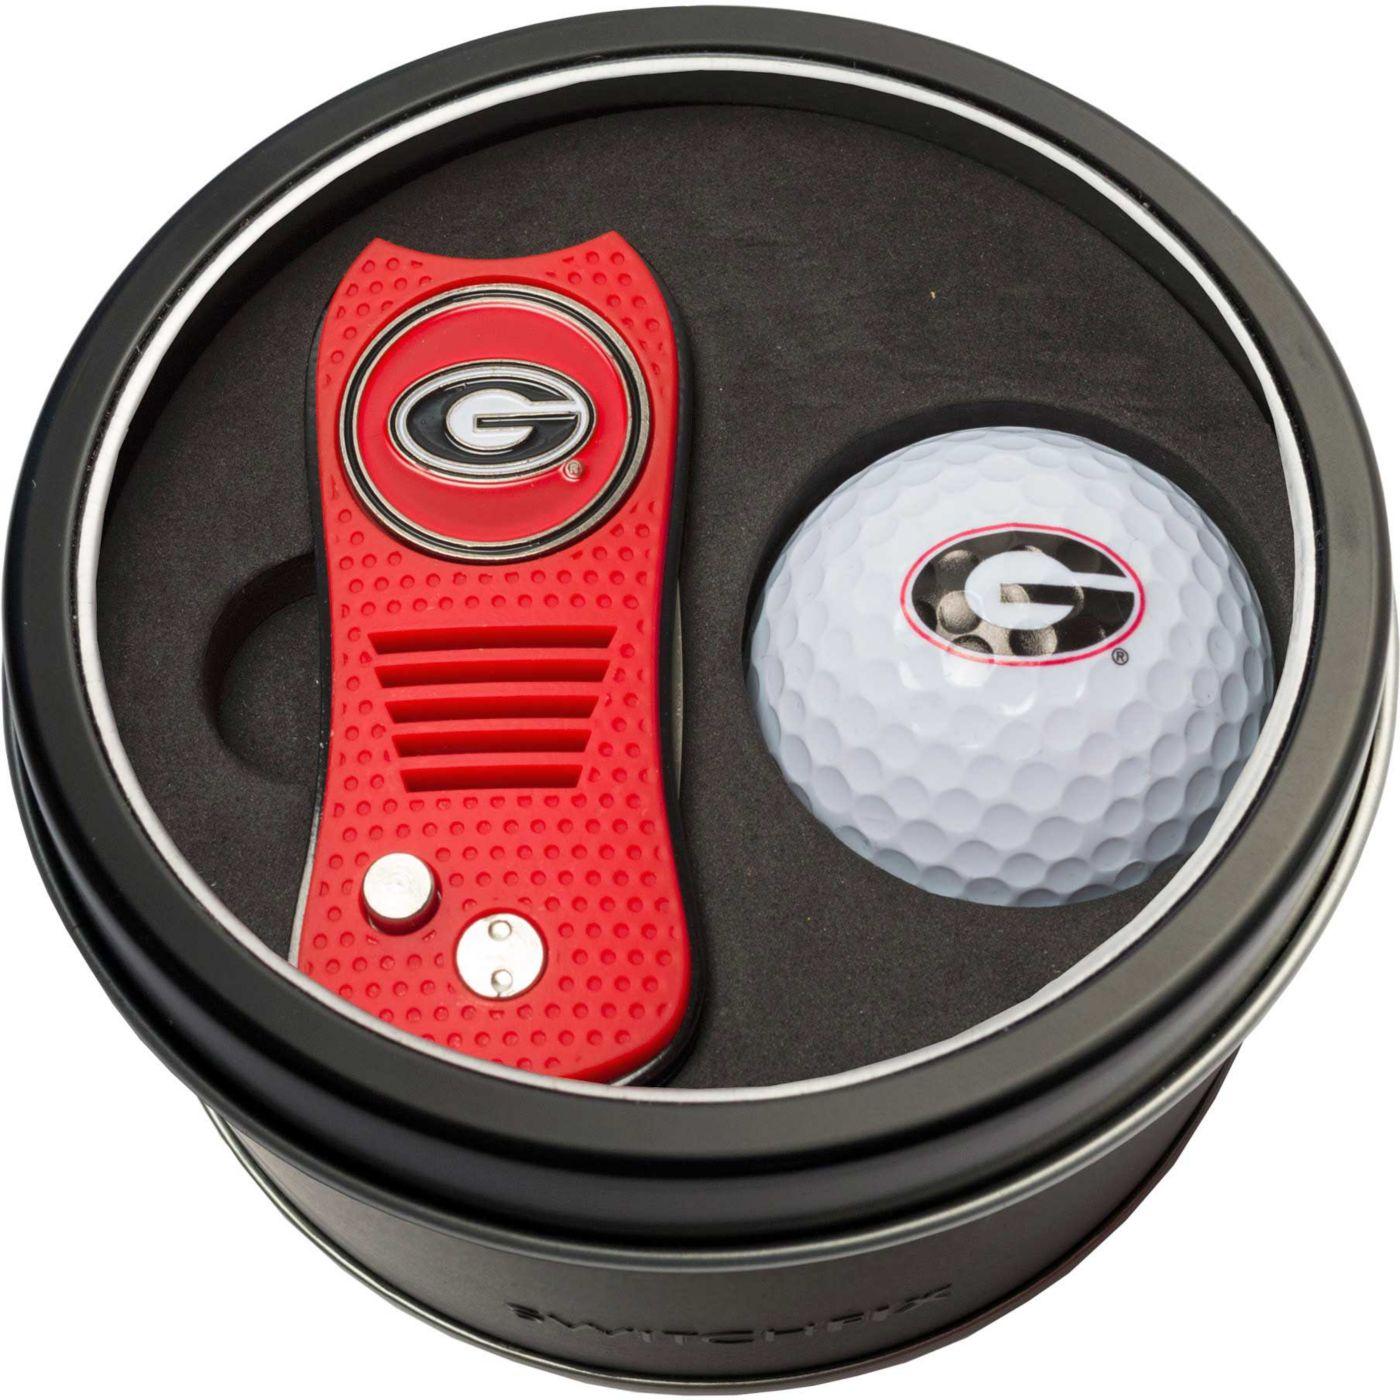 Team Golf Georgia Bulldogs Switchfix Divot Tool and Golf Ball Set